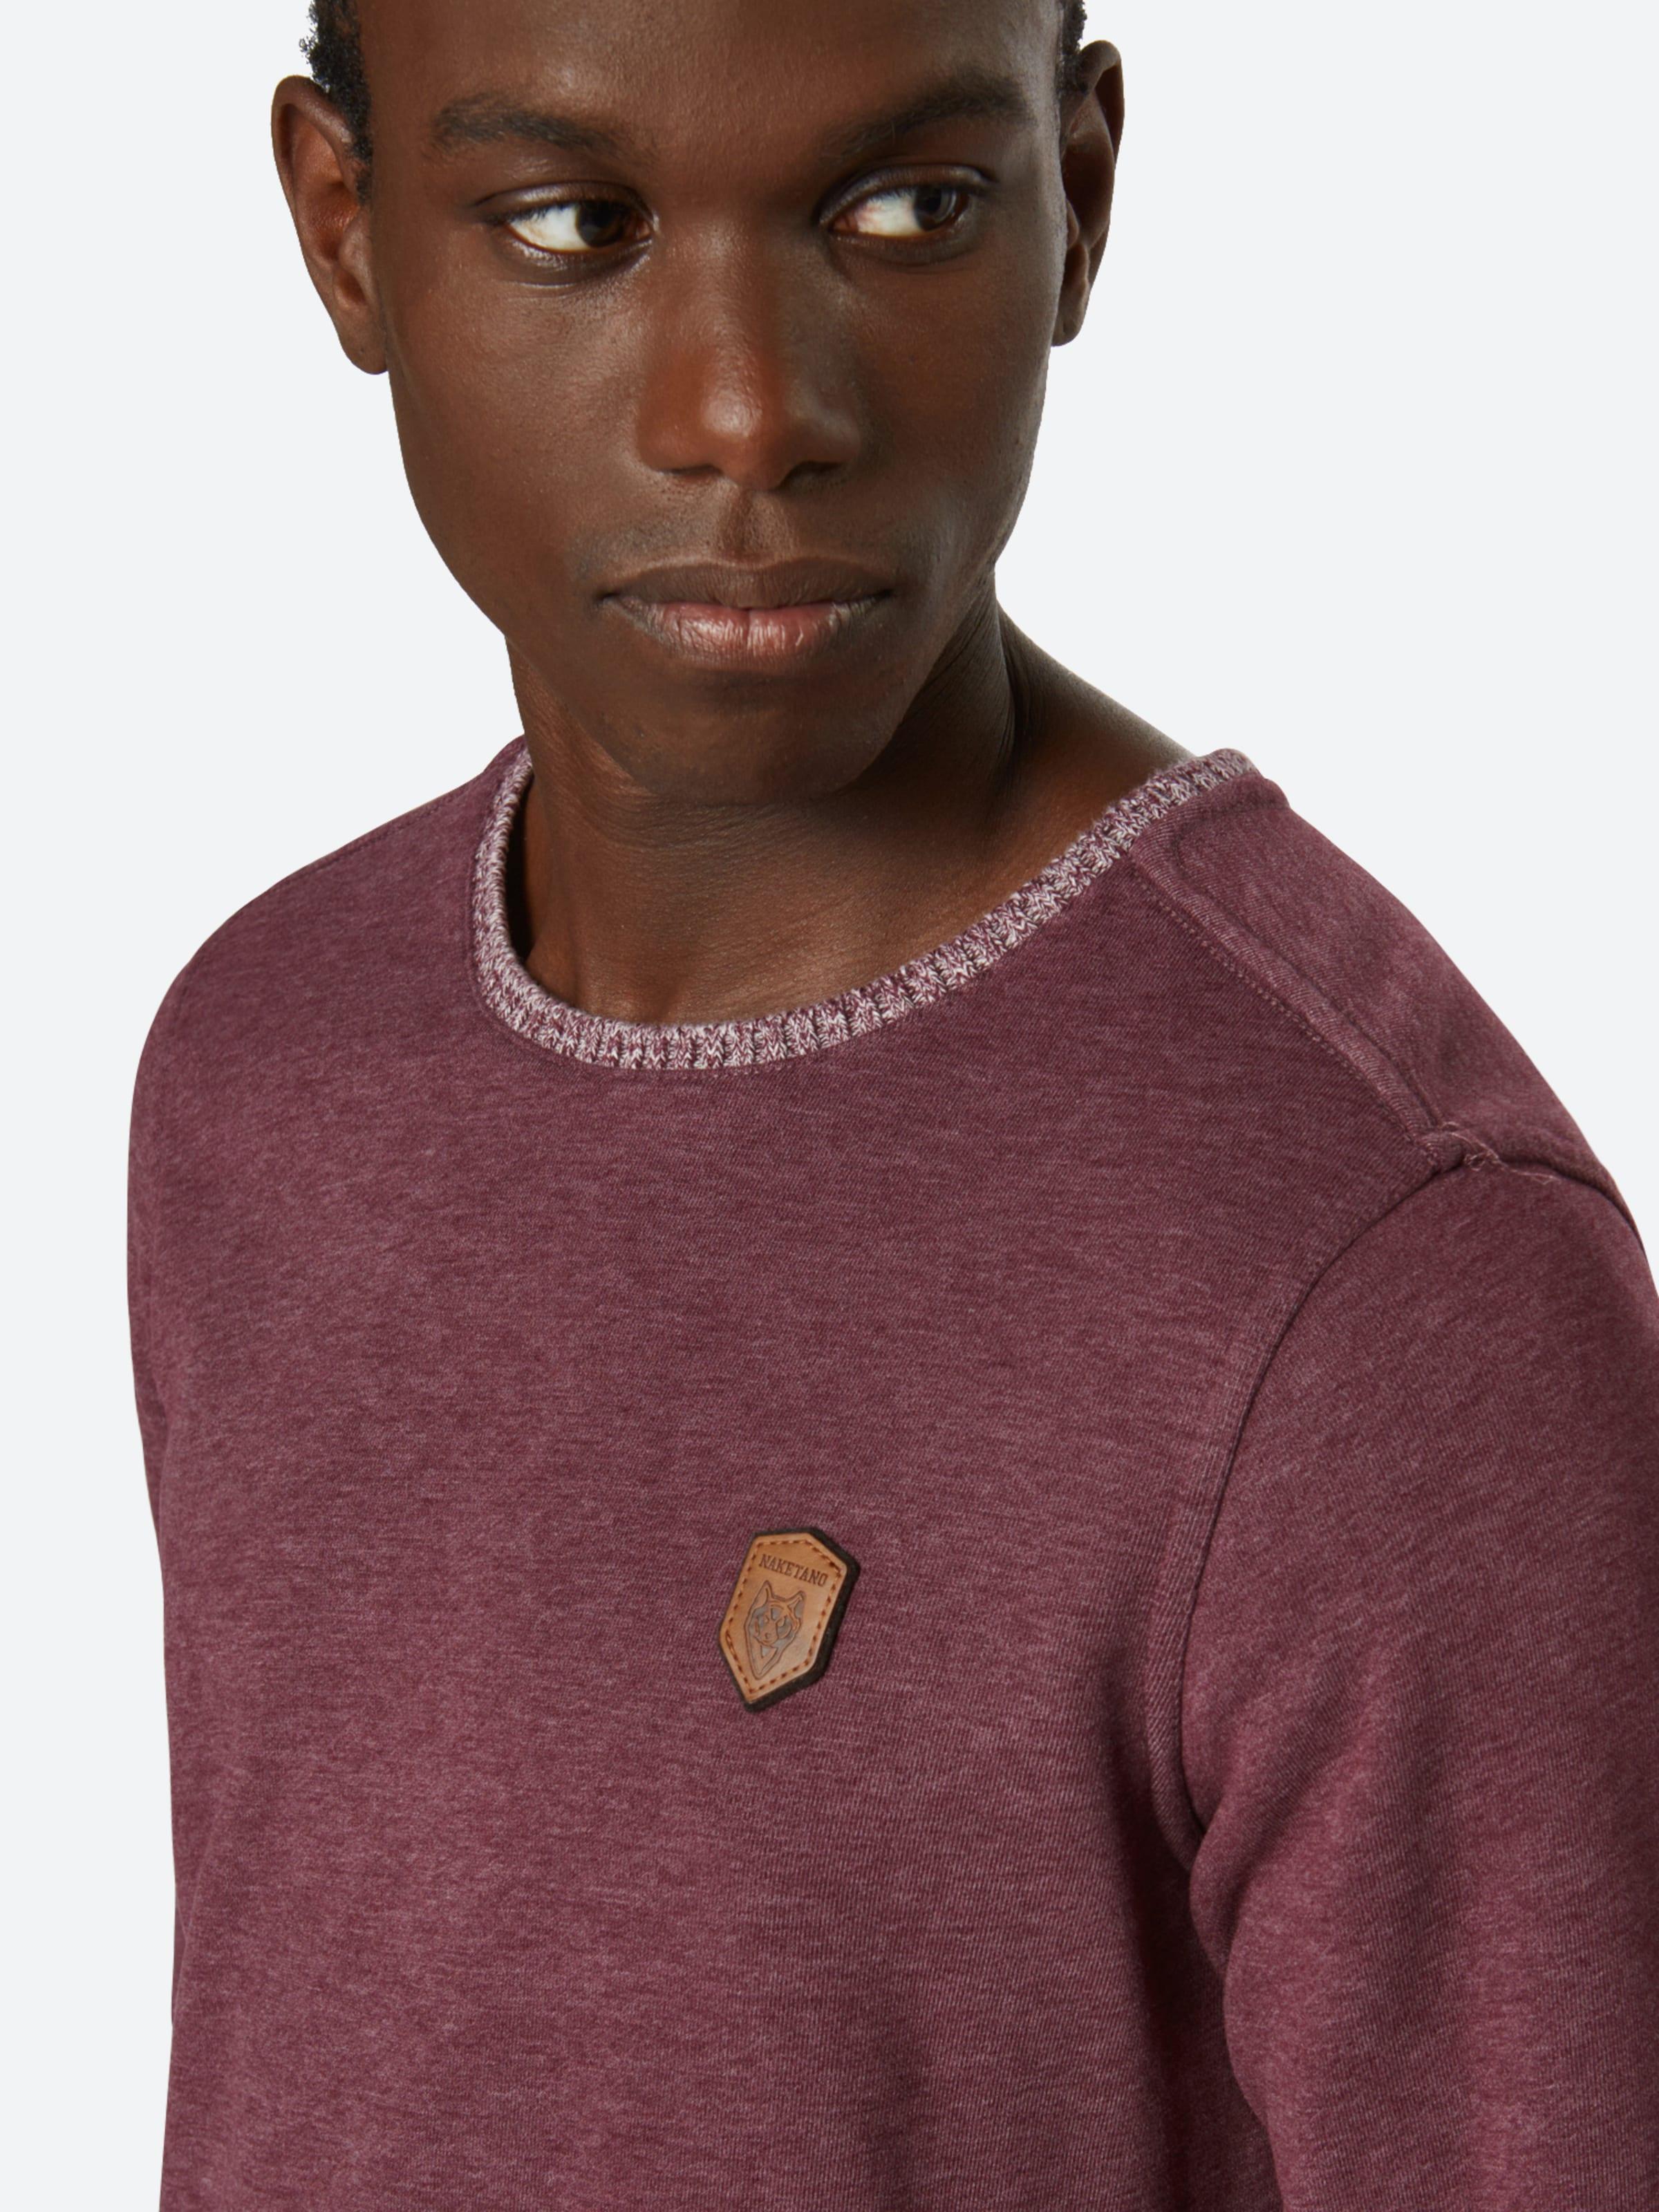 'geschichtenerzähler' shirt Sweat Naketano En Bleu grisGris 6bIYf7gyv